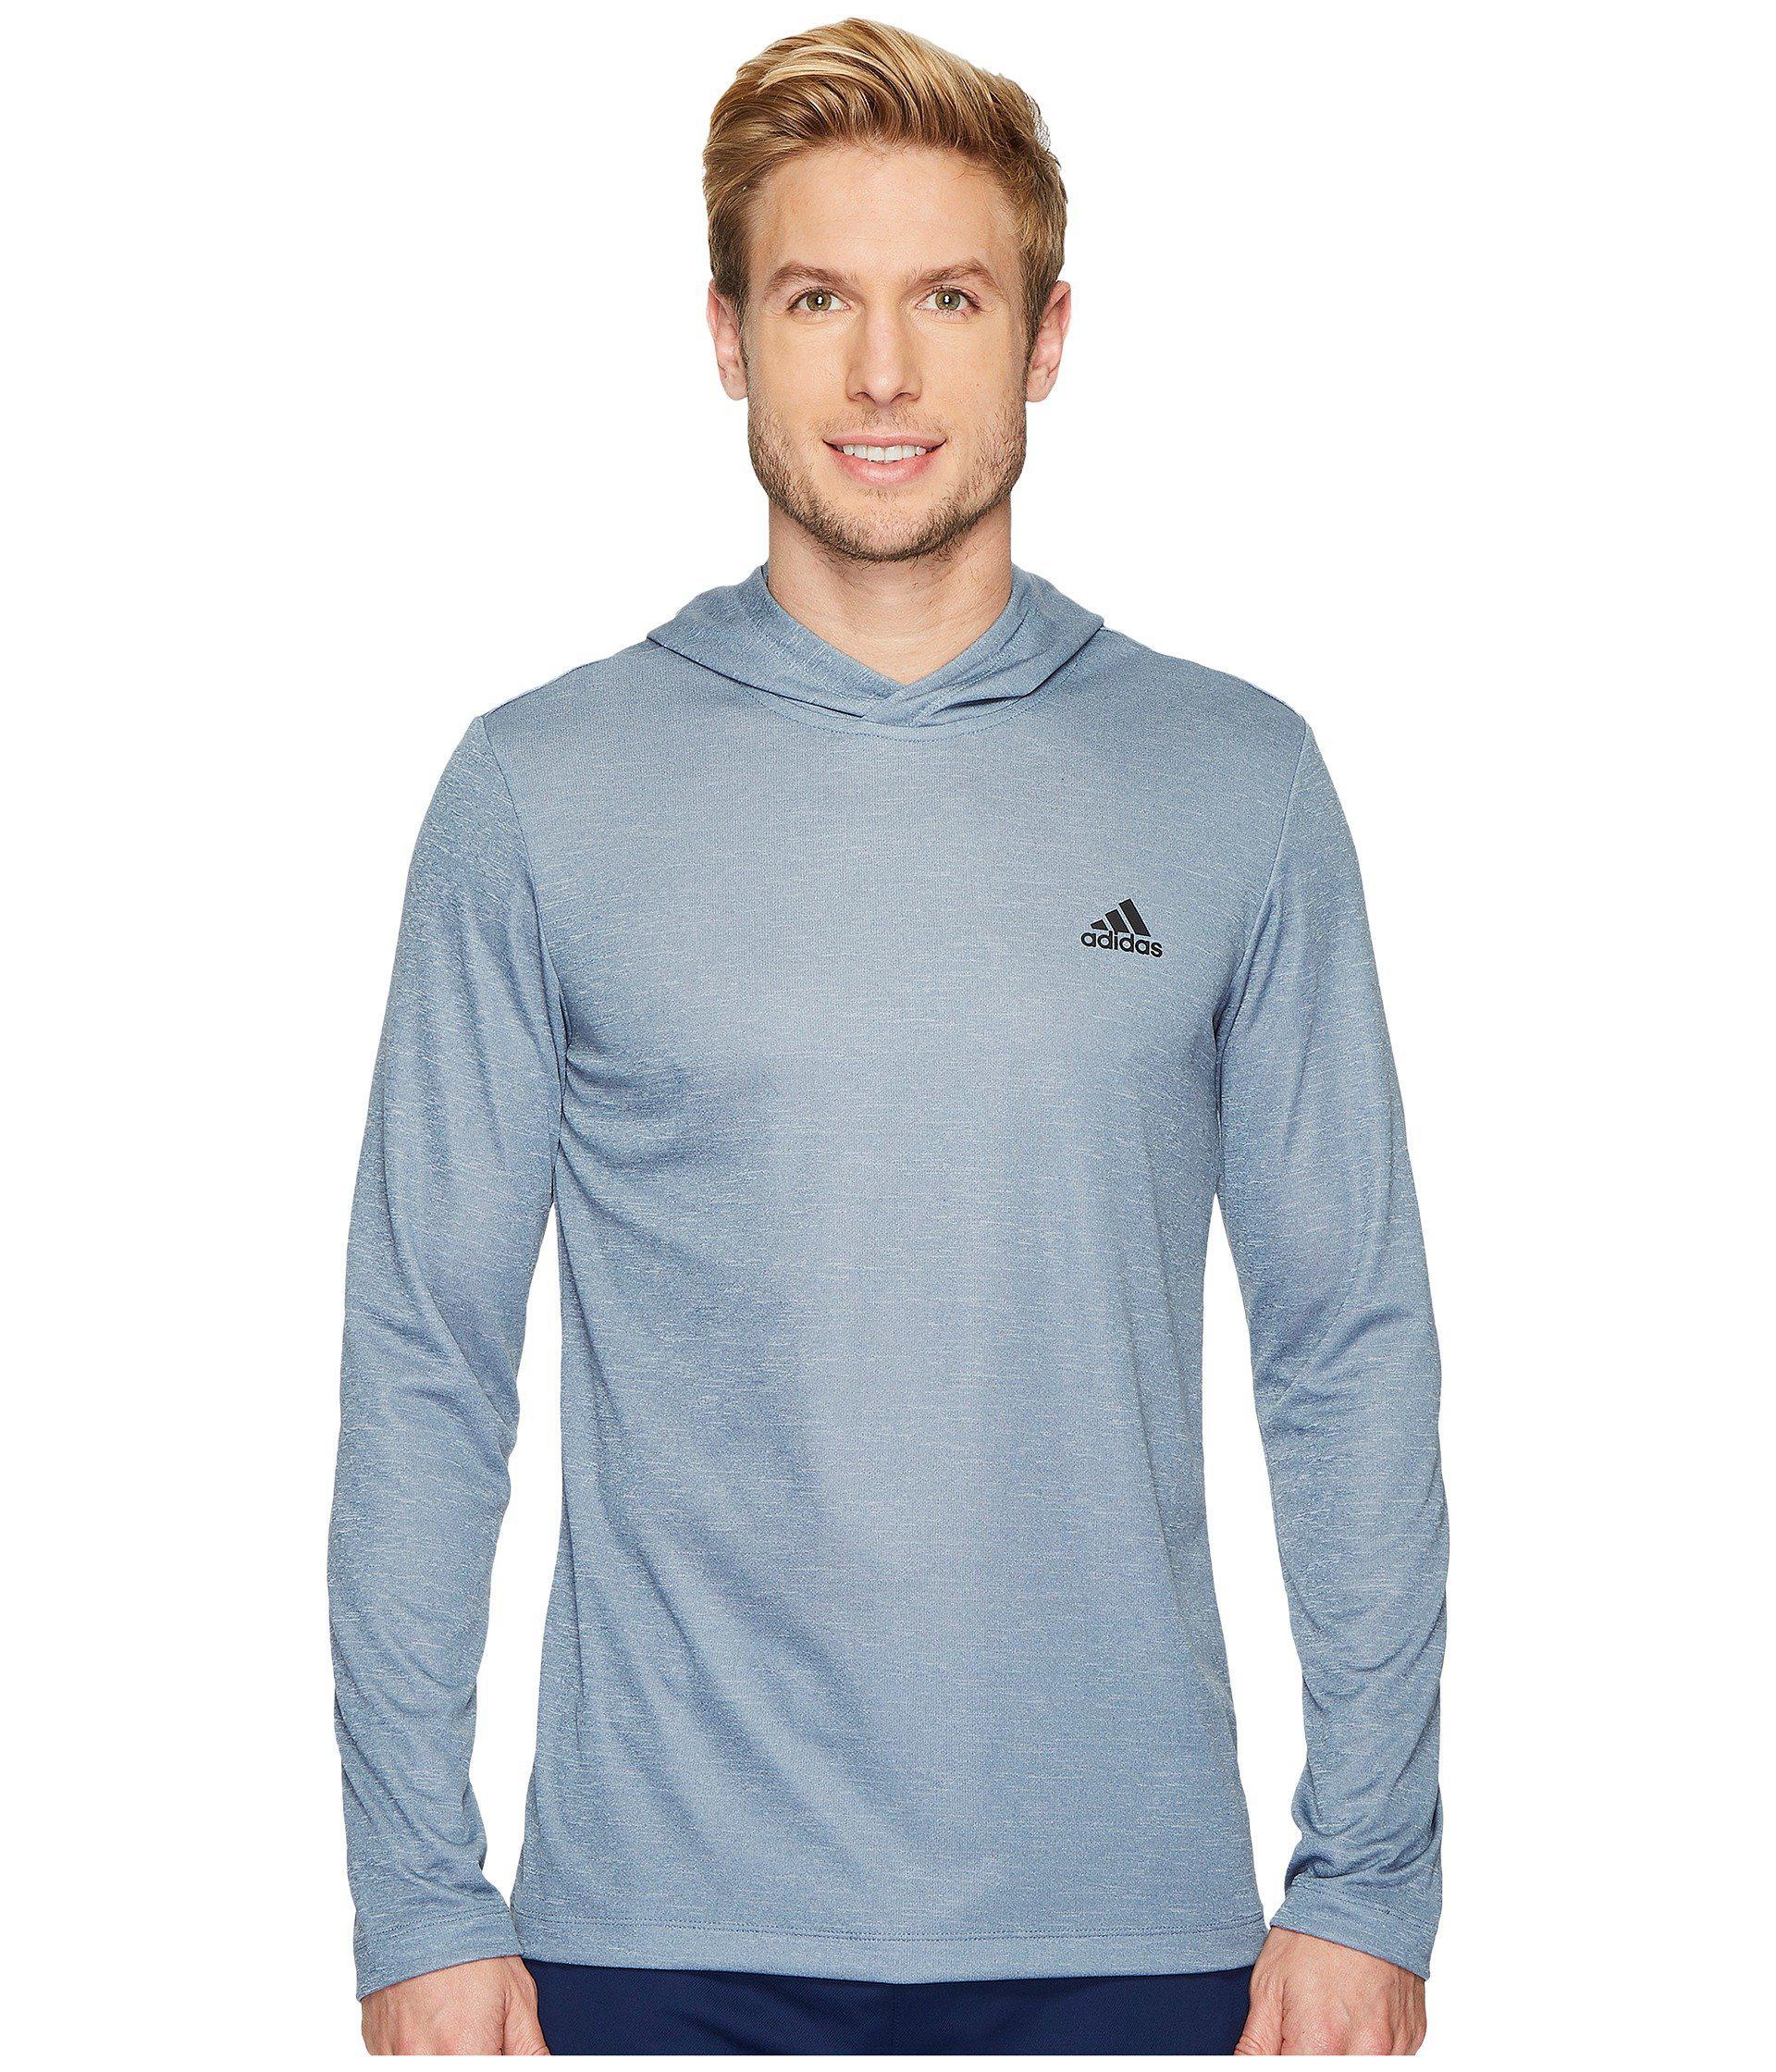 Lyst Adidas Essentials Tech Tee Remix Hoodie en azul para los hombres